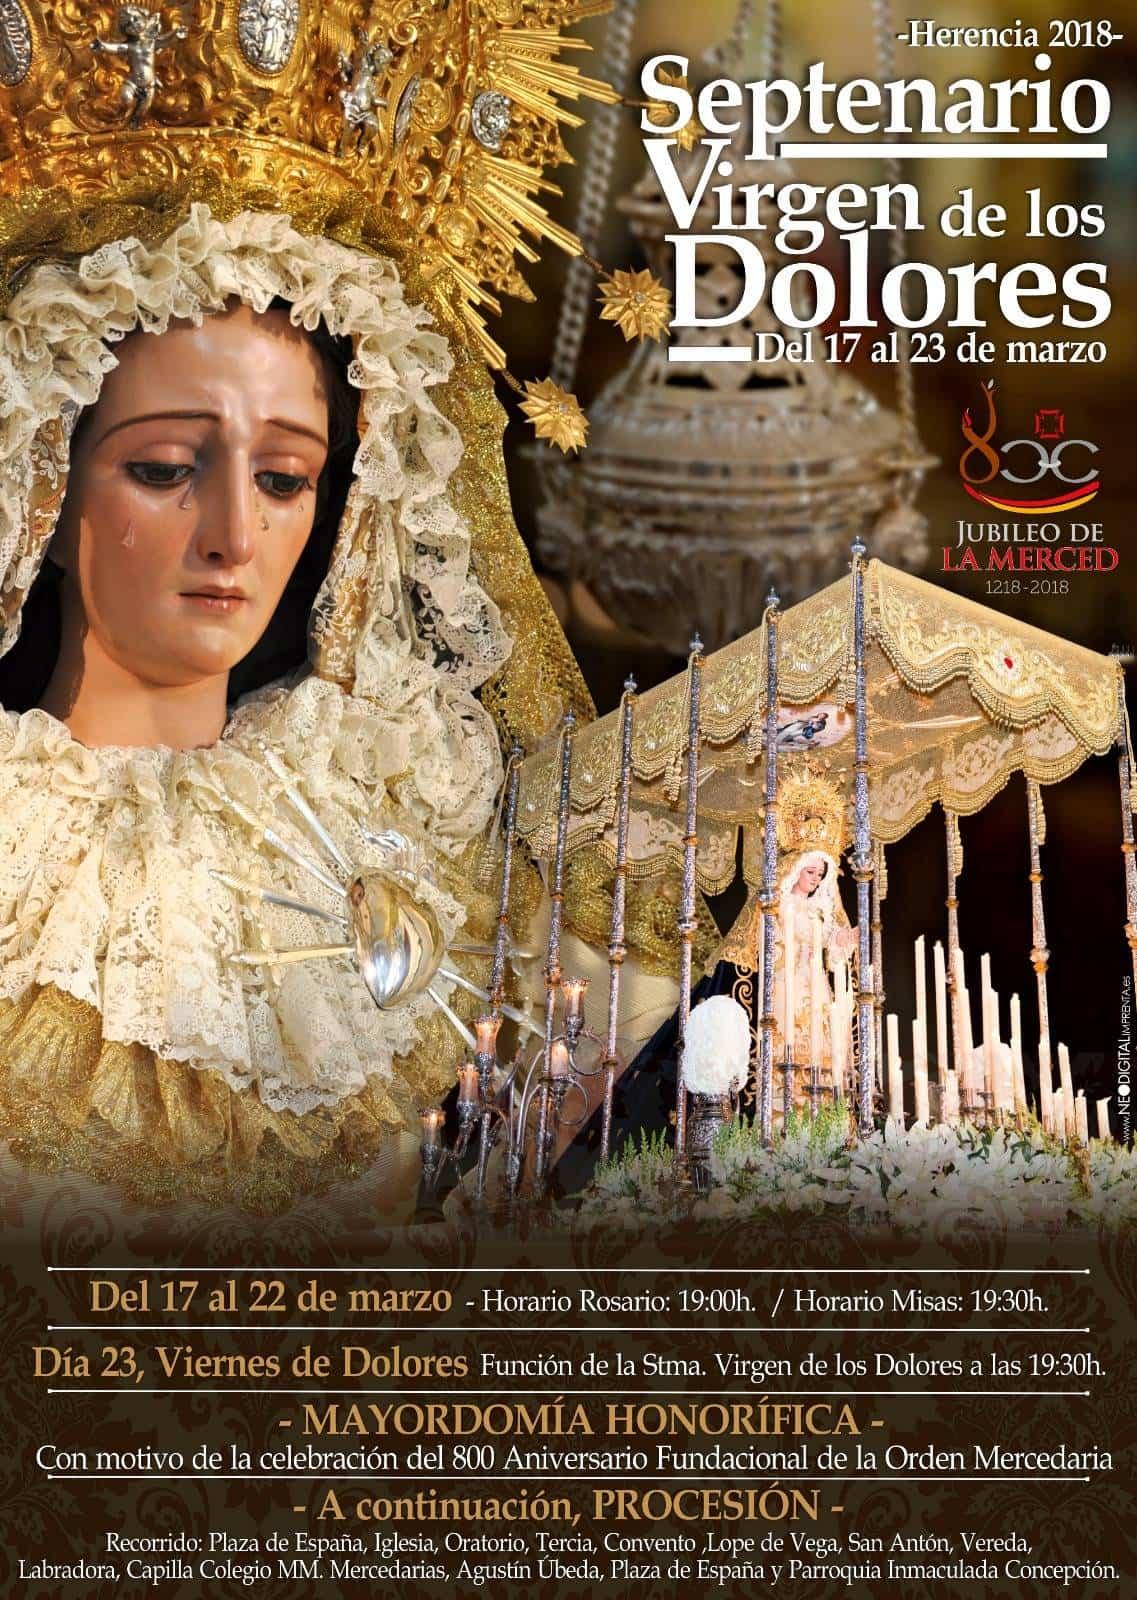 Septeario Virgen de los Dolores - Septenario y procesión de la Virgen de los Dolores